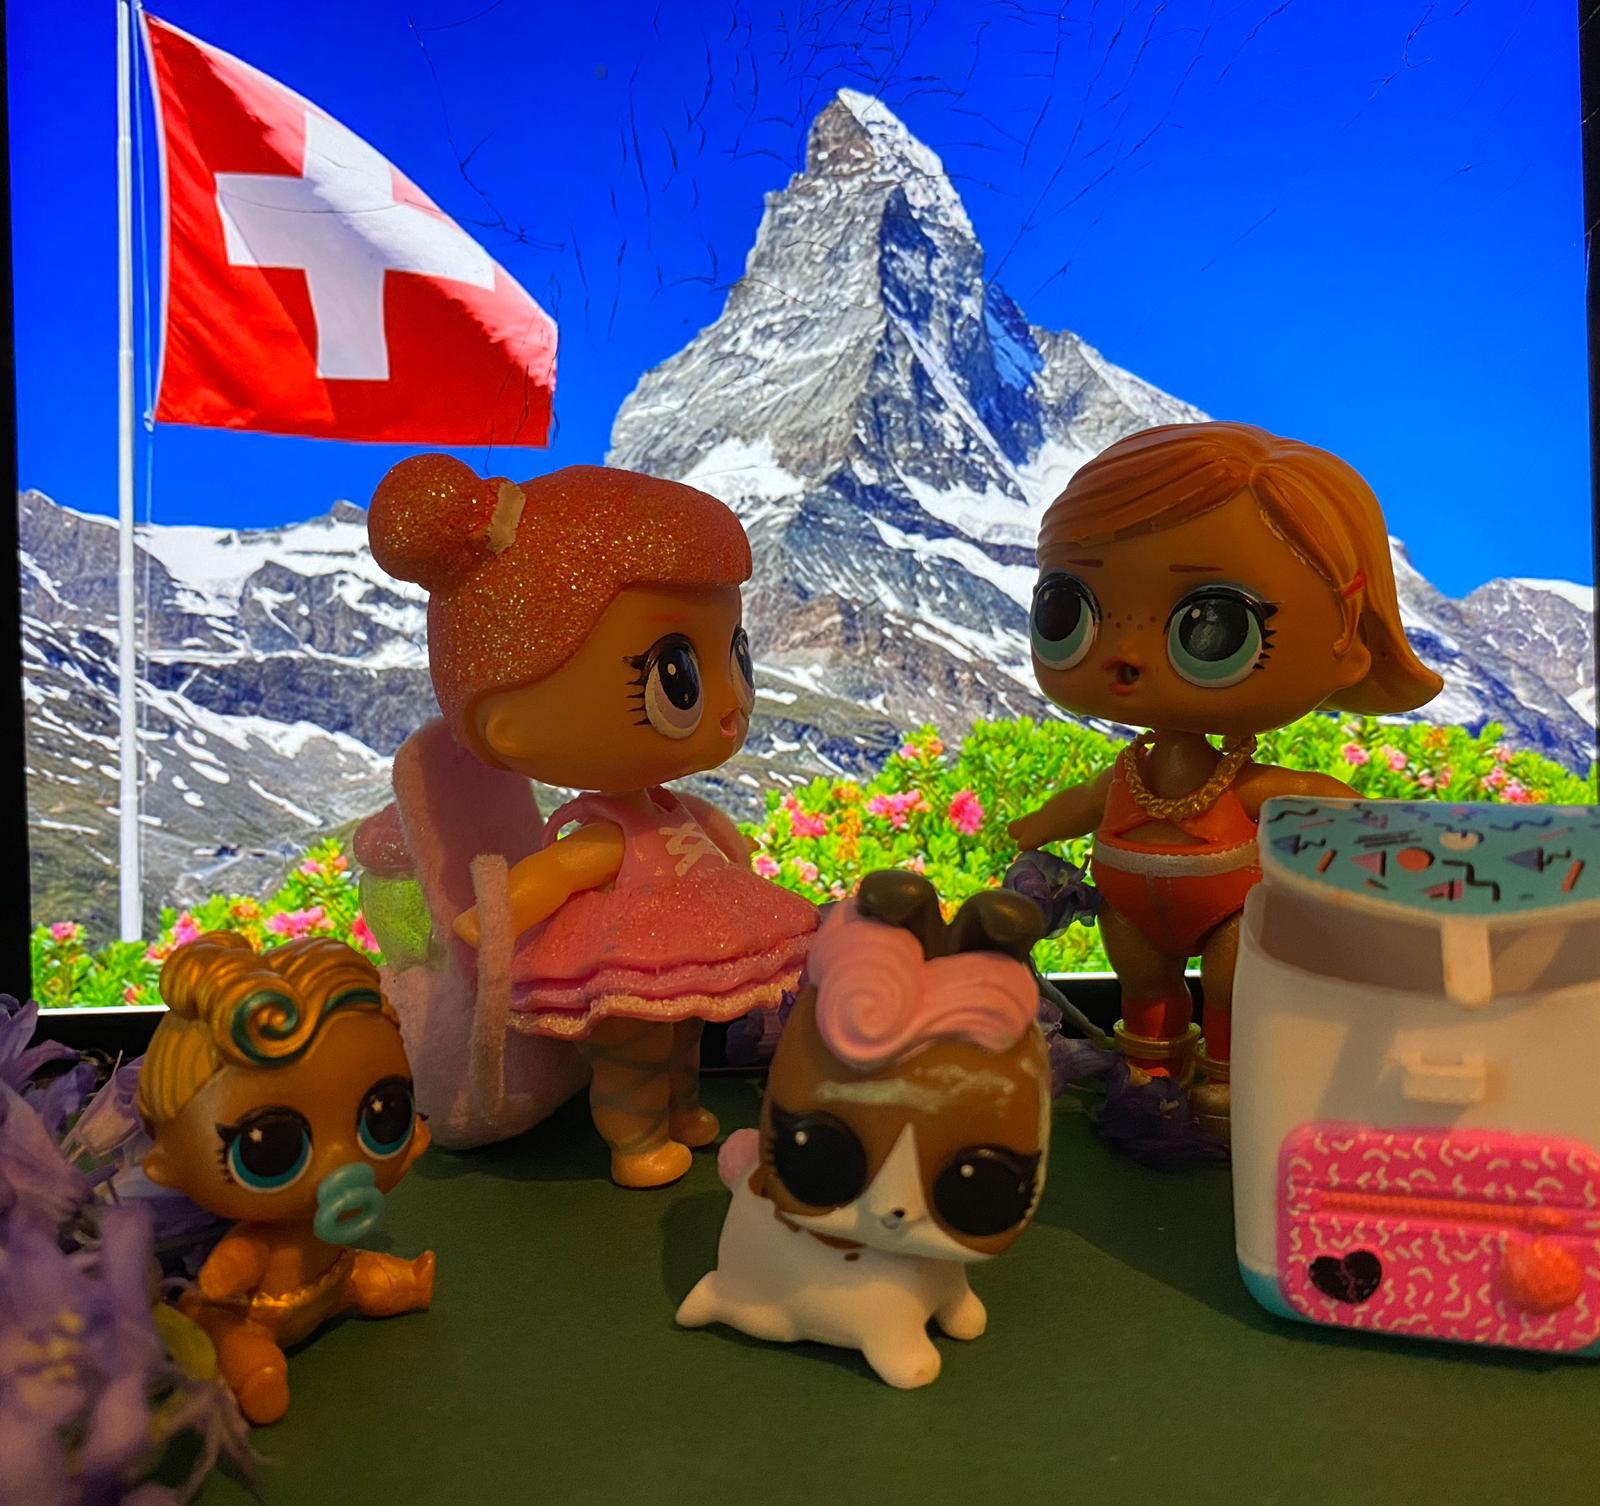 Ich würde gerne mit meiner Schwester und mit meinem Hund in die Schweiz fahren um meinen Papa zu besuchen und mit der ganzen Familie in den Bergen eine Wanderung zu machen. Valentina, Vorschule